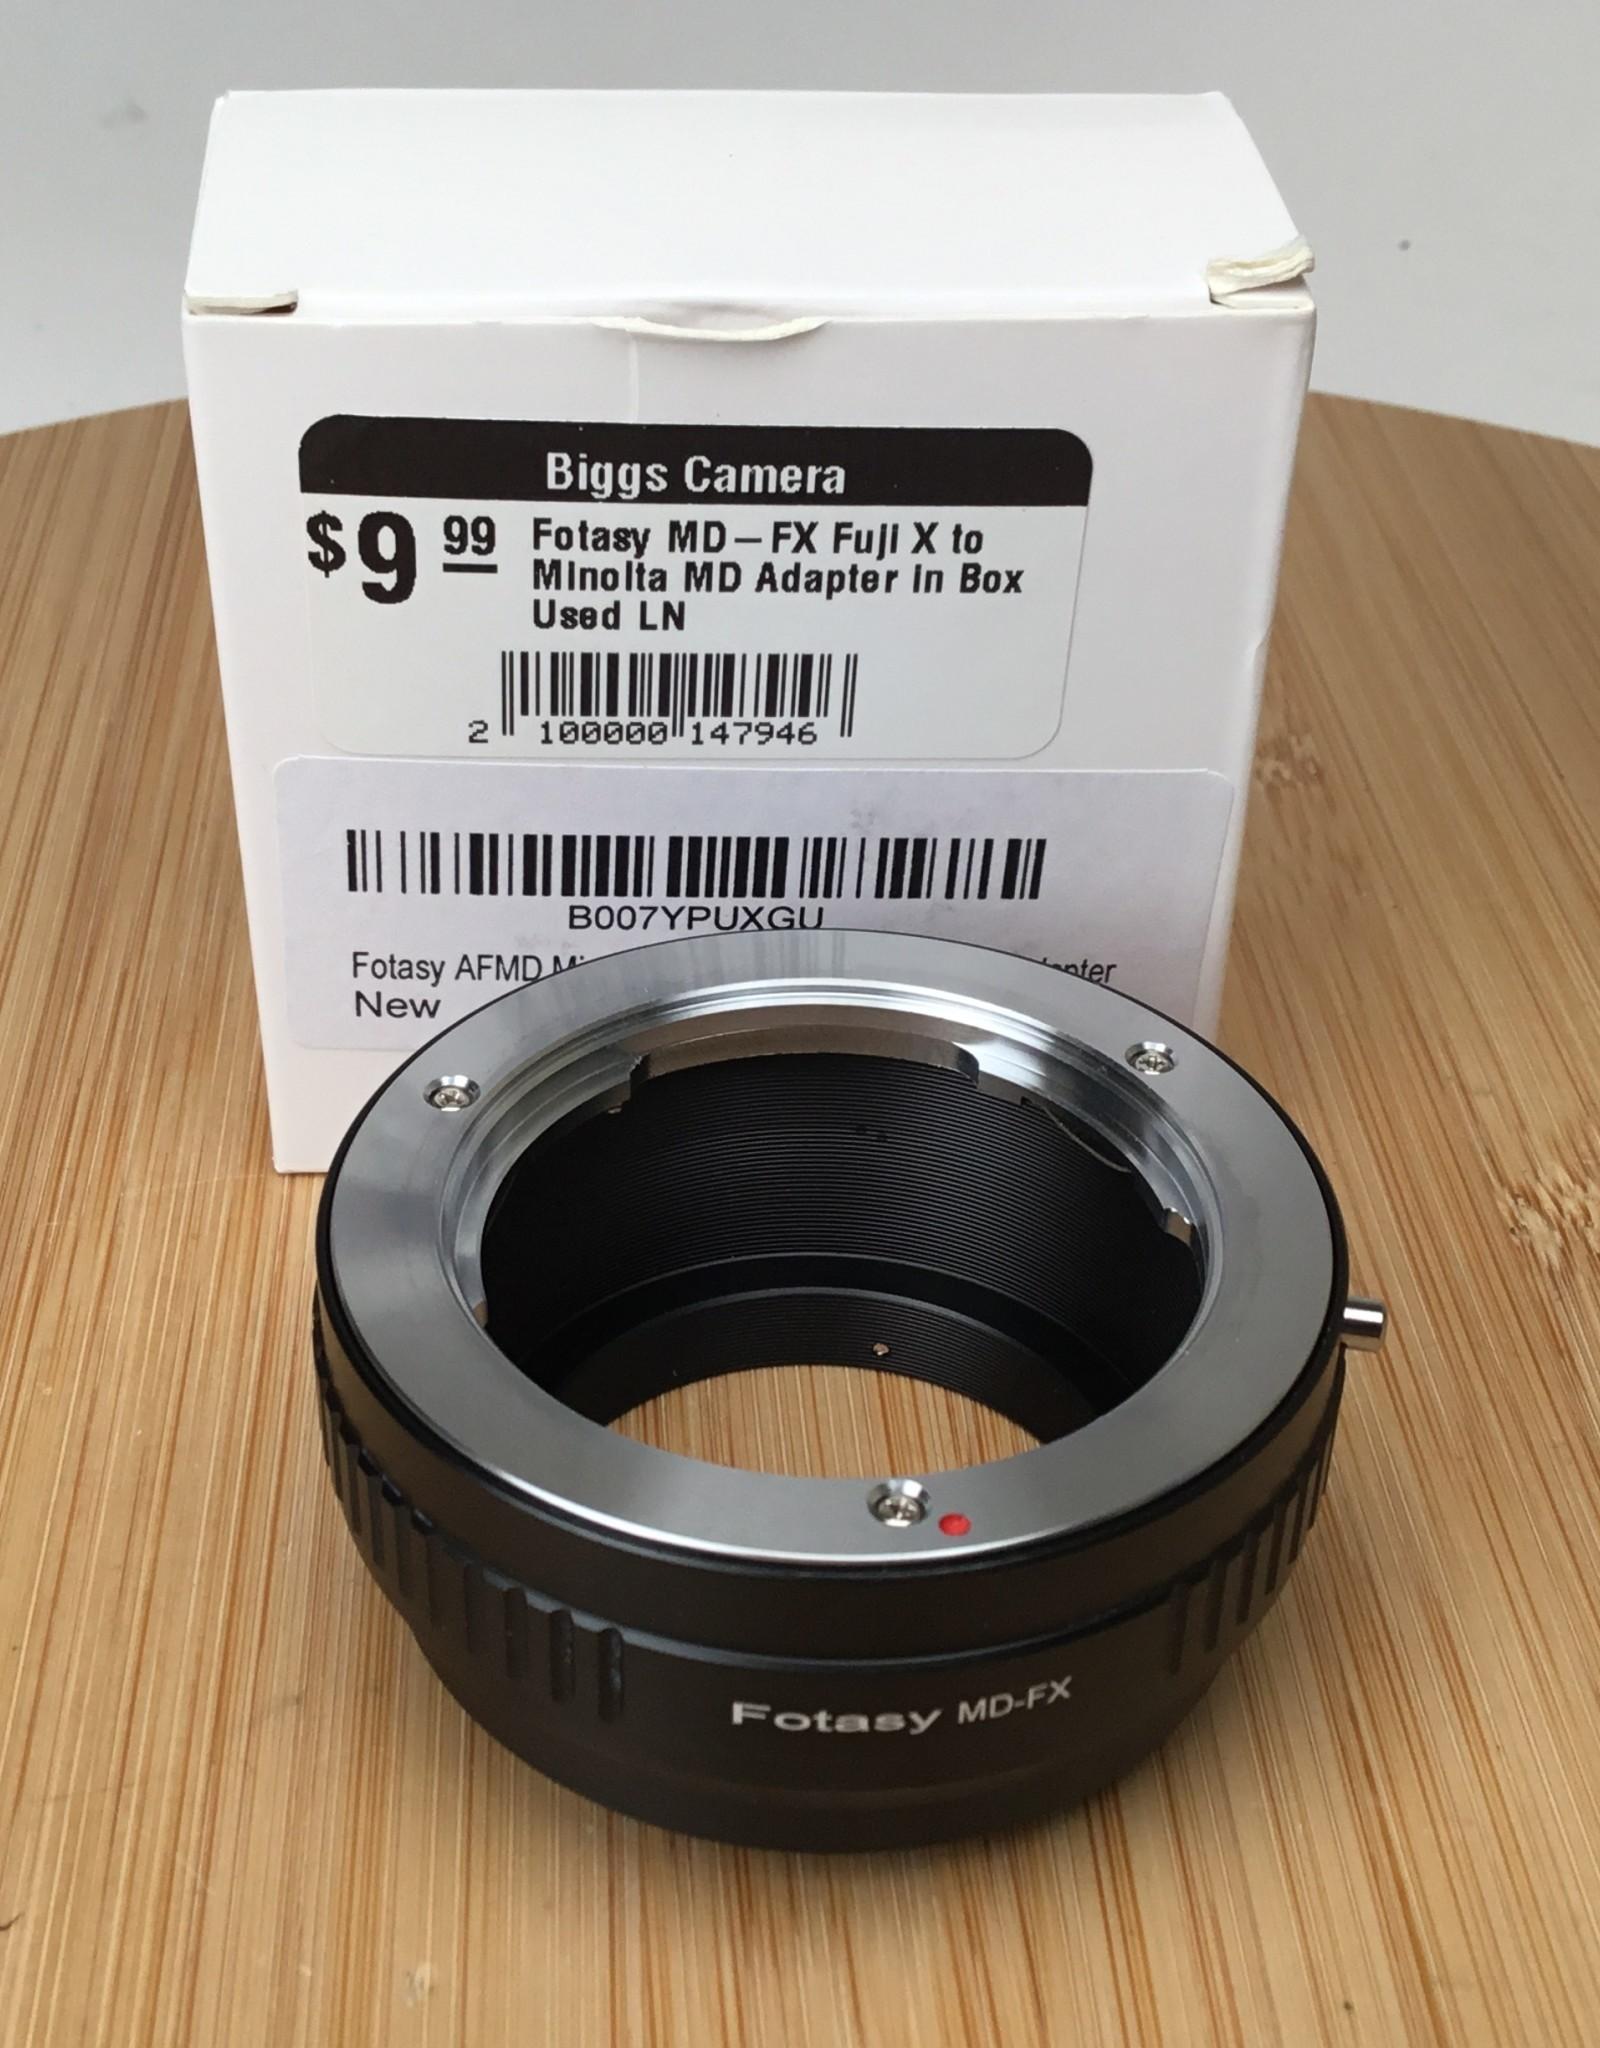 Fotasy MD-FX Fuji X to Minolta MD Adapter in Box Used LN